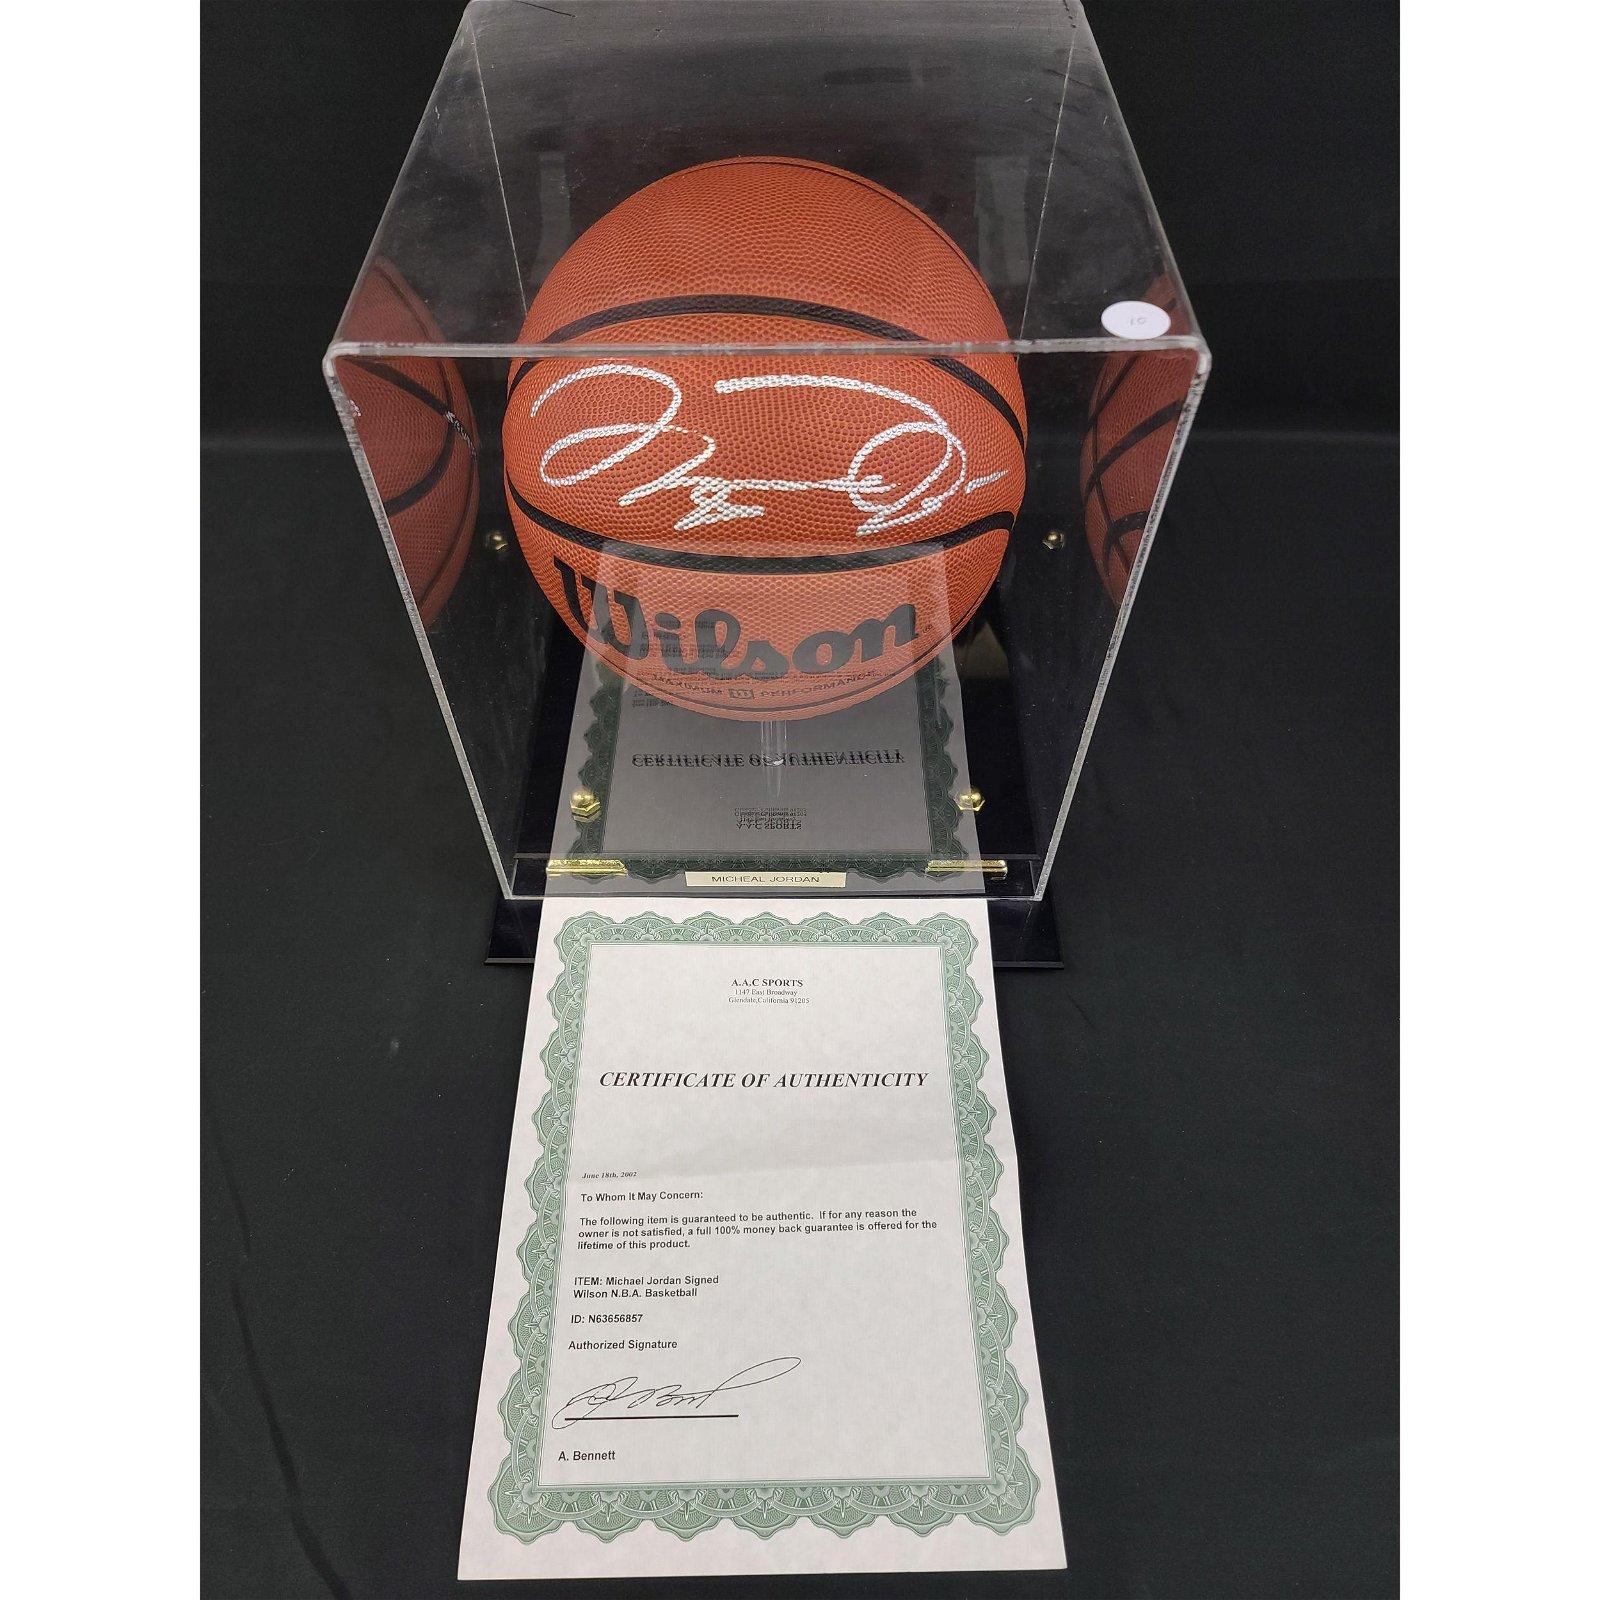 MICHAEL JORDAN Autographed Basketball w/ COA *****